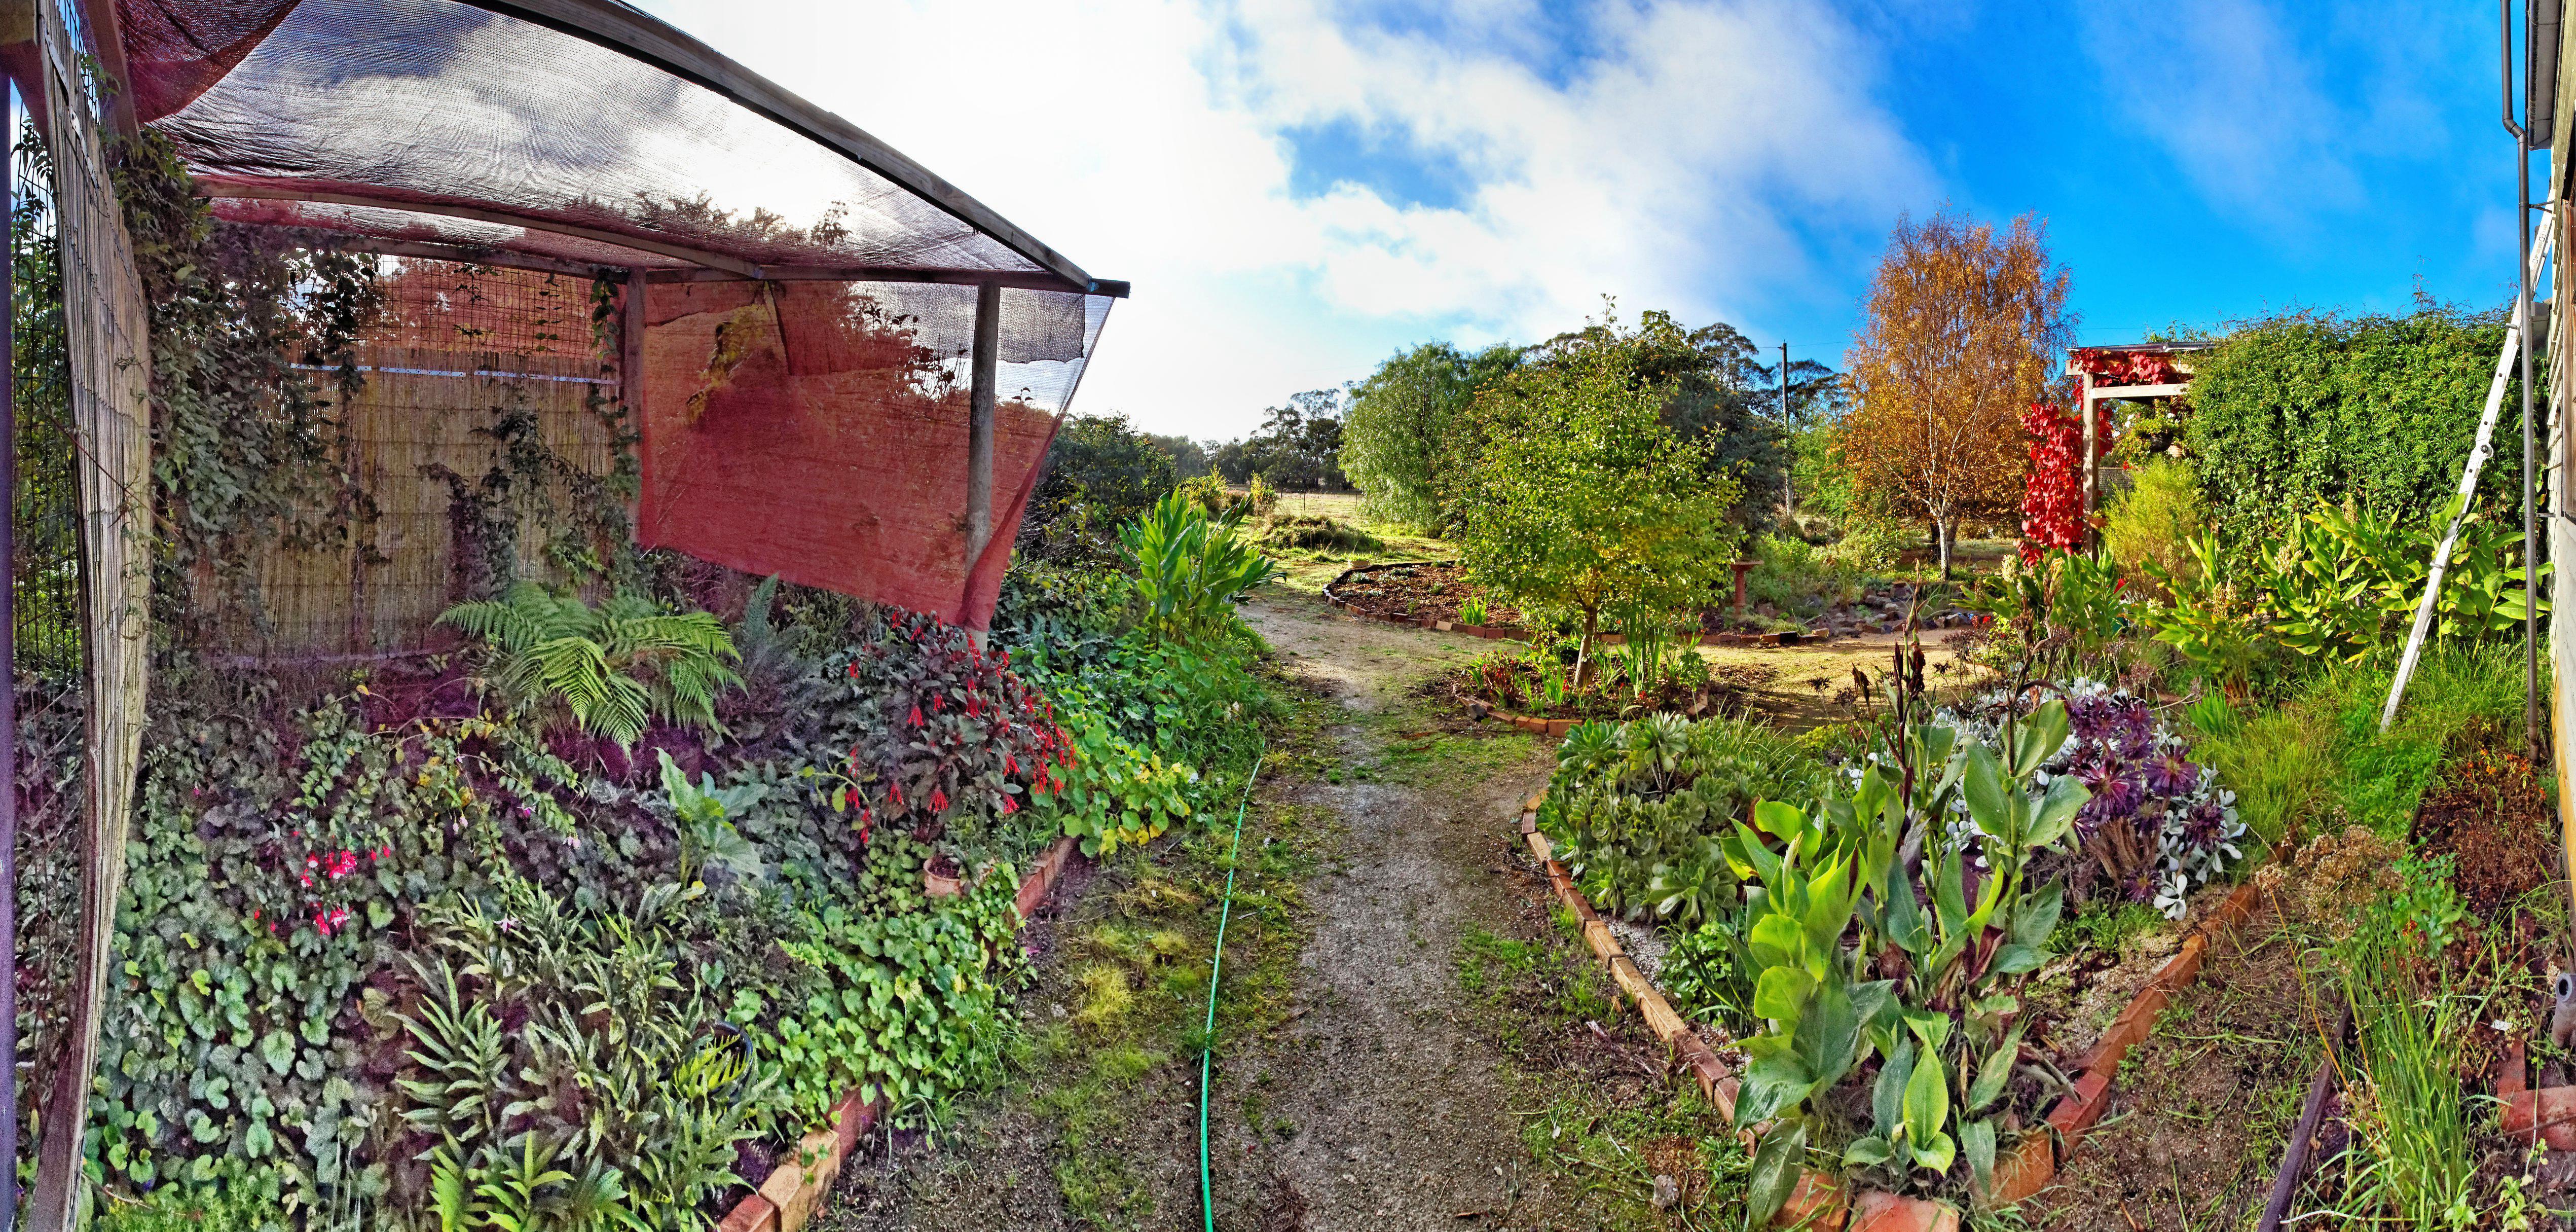 garden-se-DxO.jpeg